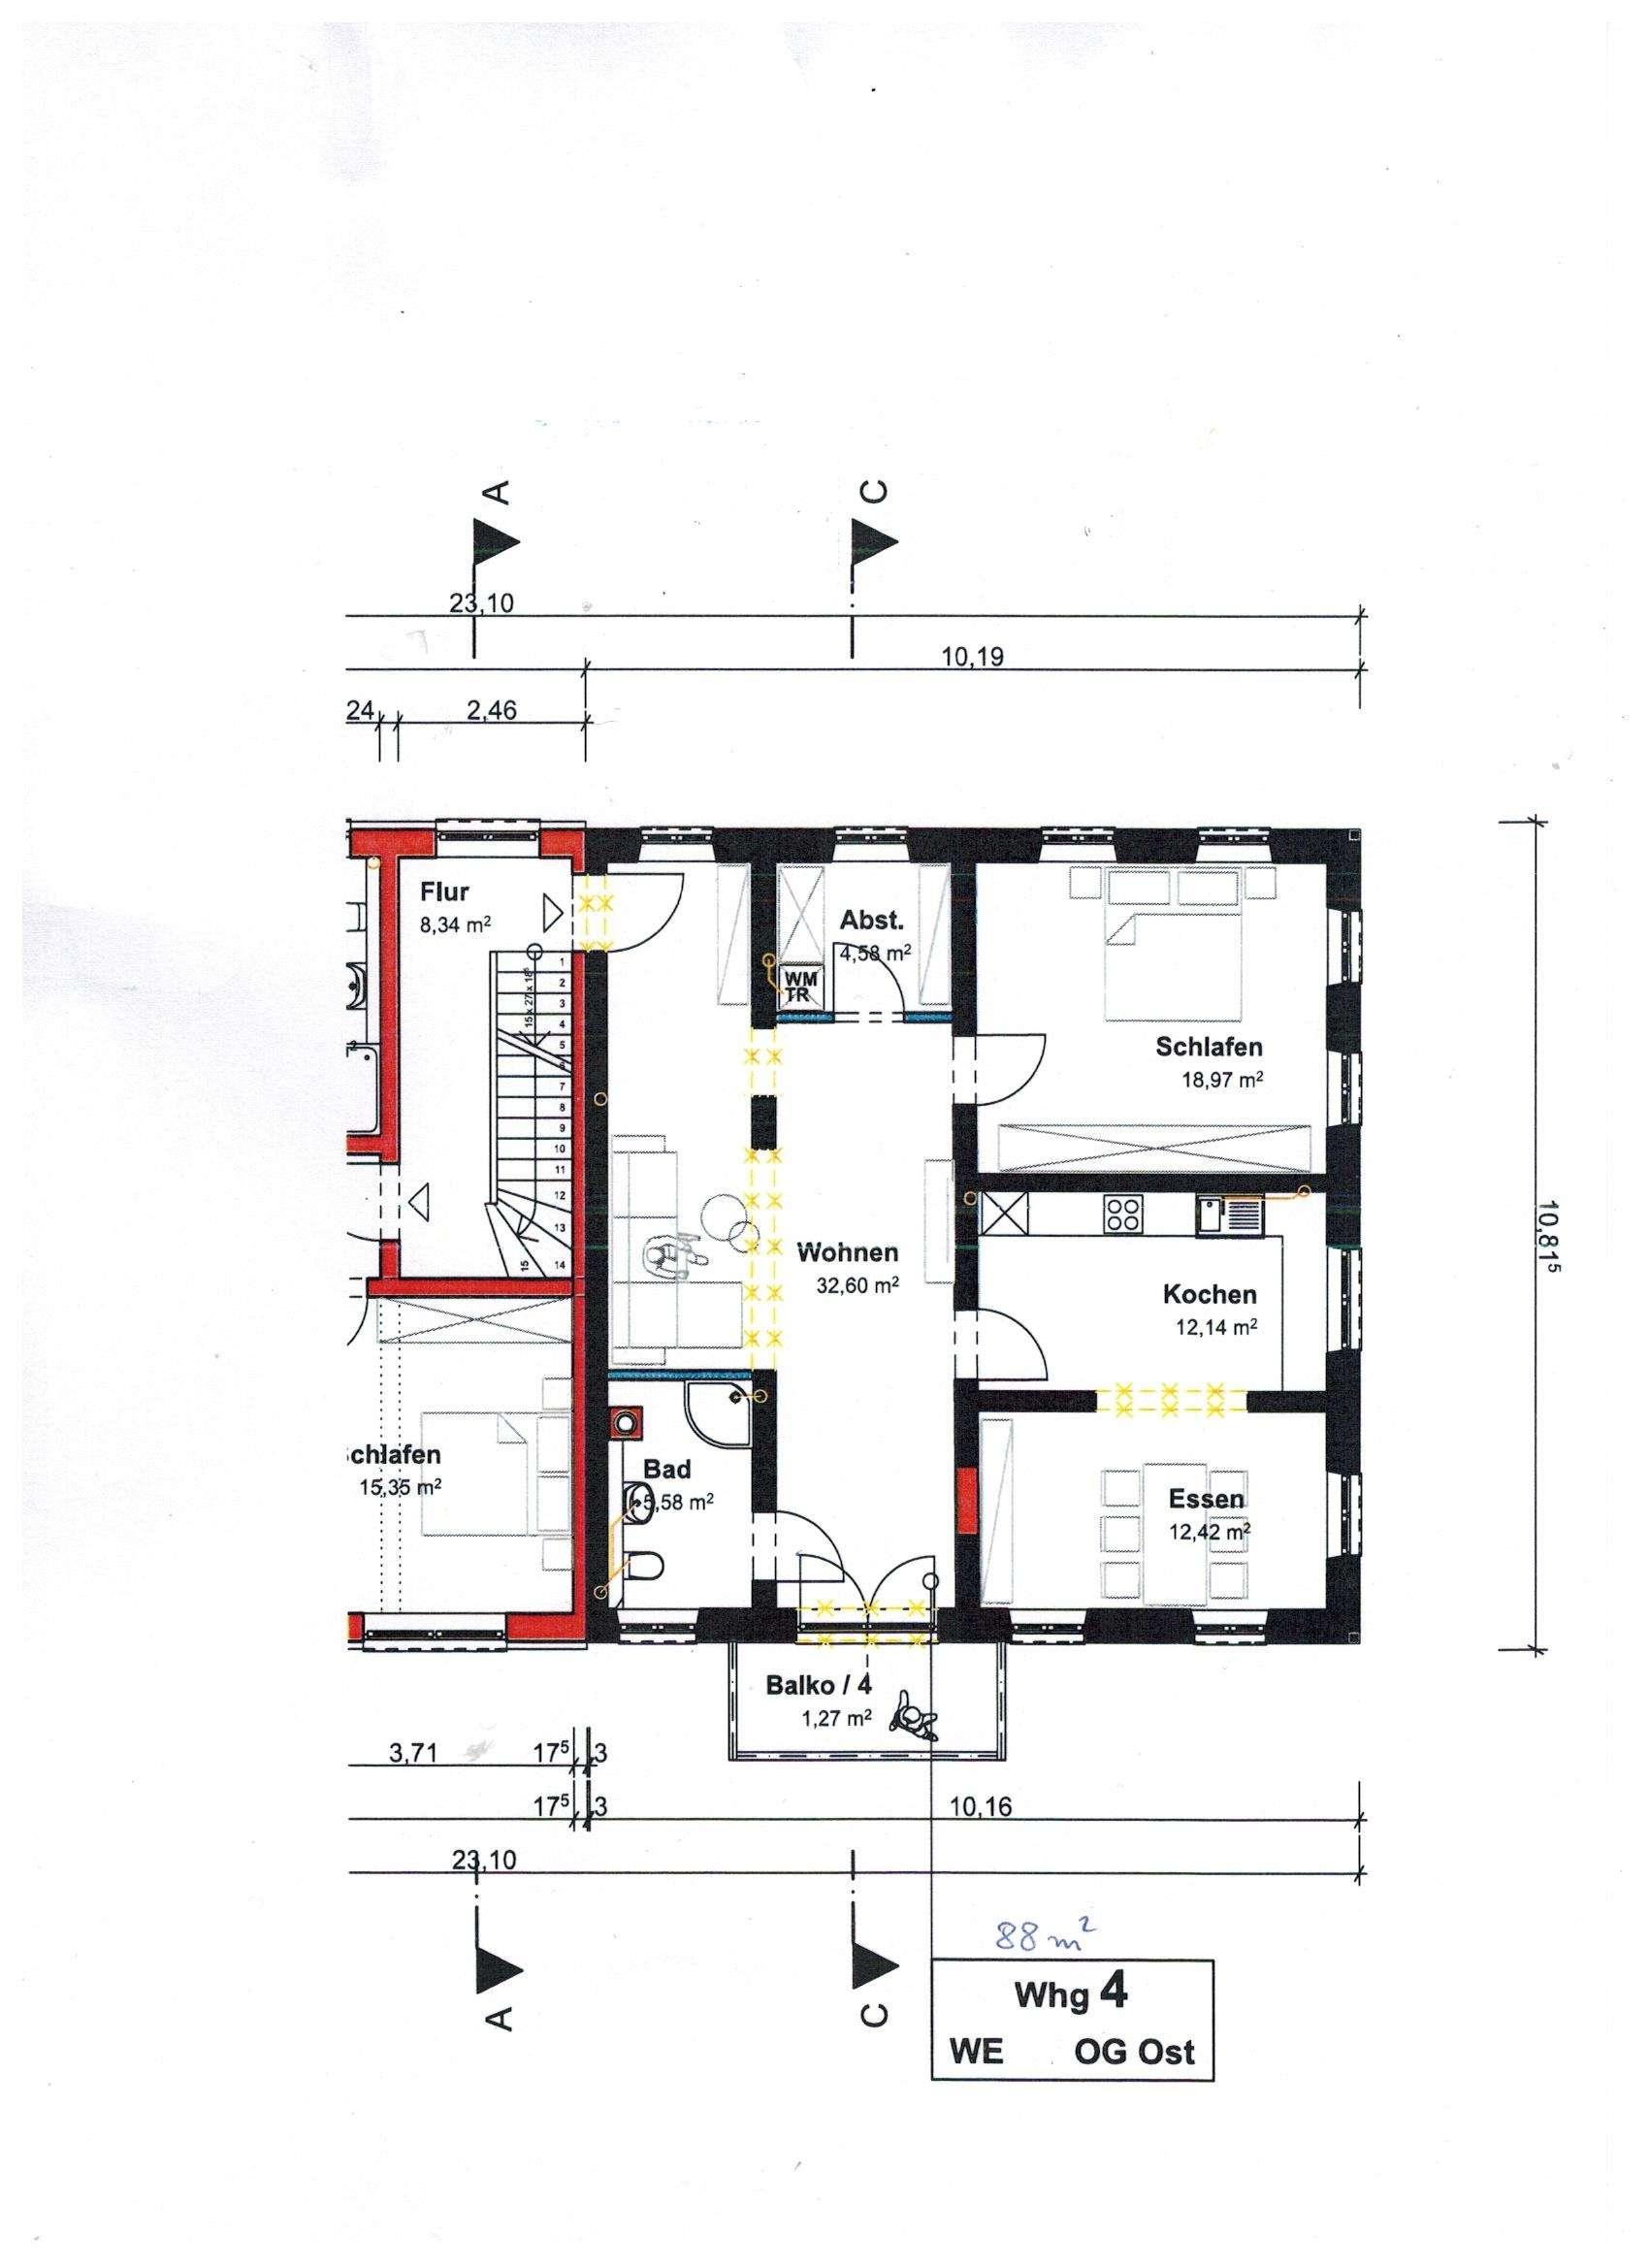 1 Generalsanierte Wohnung zu vermieten in Rott am Inn